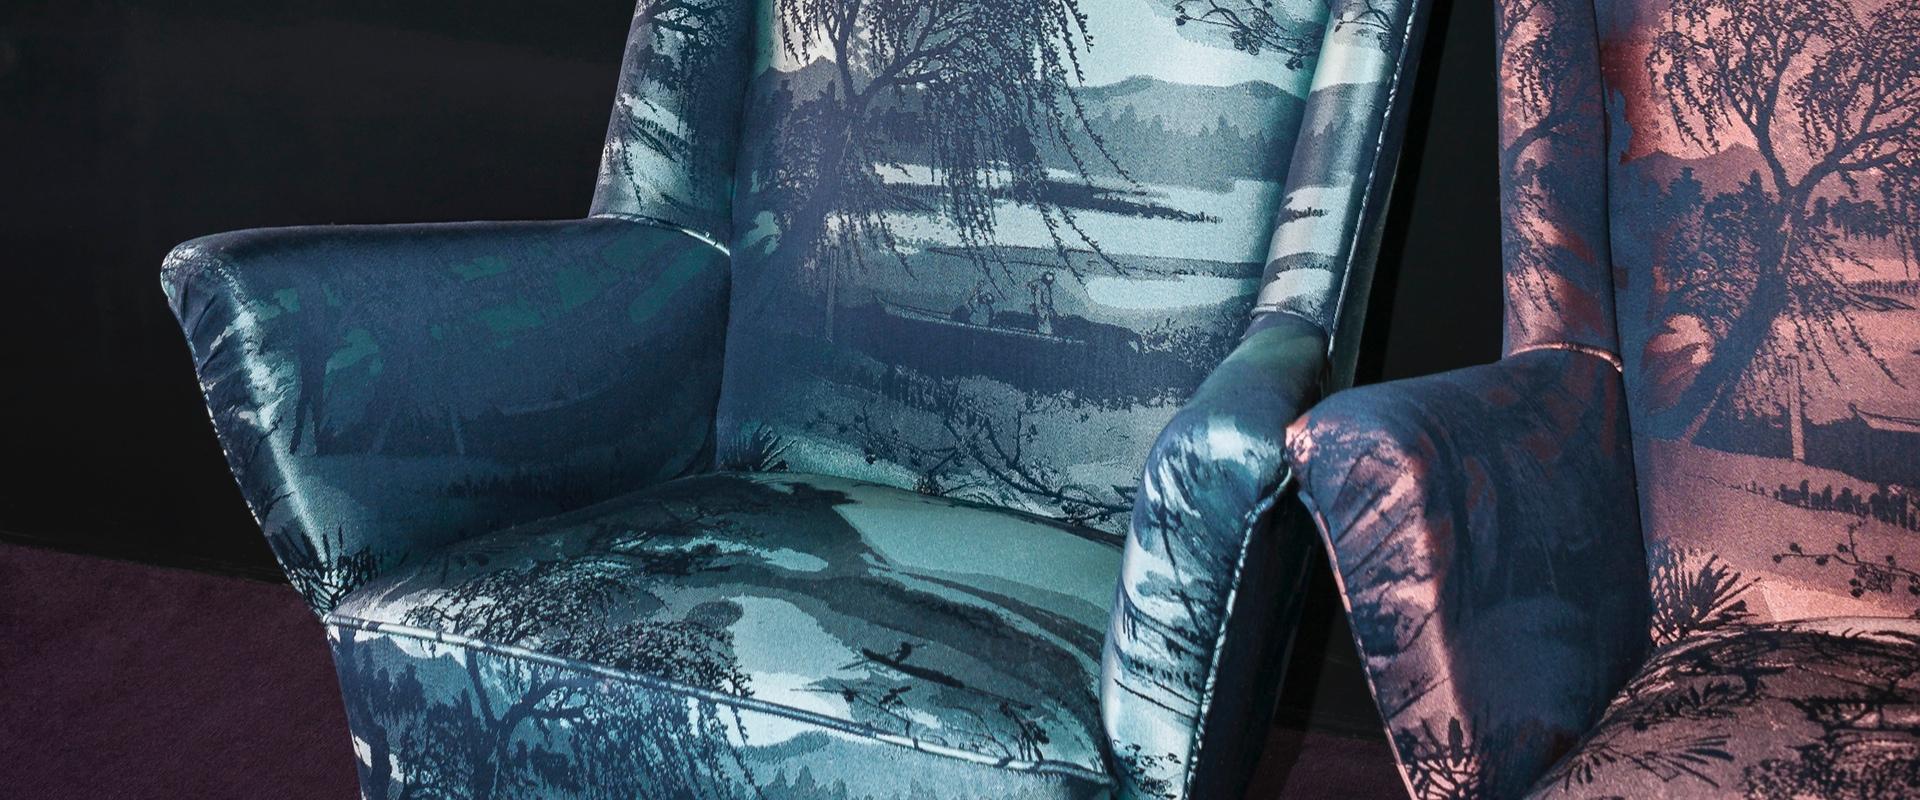 Individuelle Polstermöbel mit Stoffen von Dedar gibt es bei Hans G. Bock in Hannover.